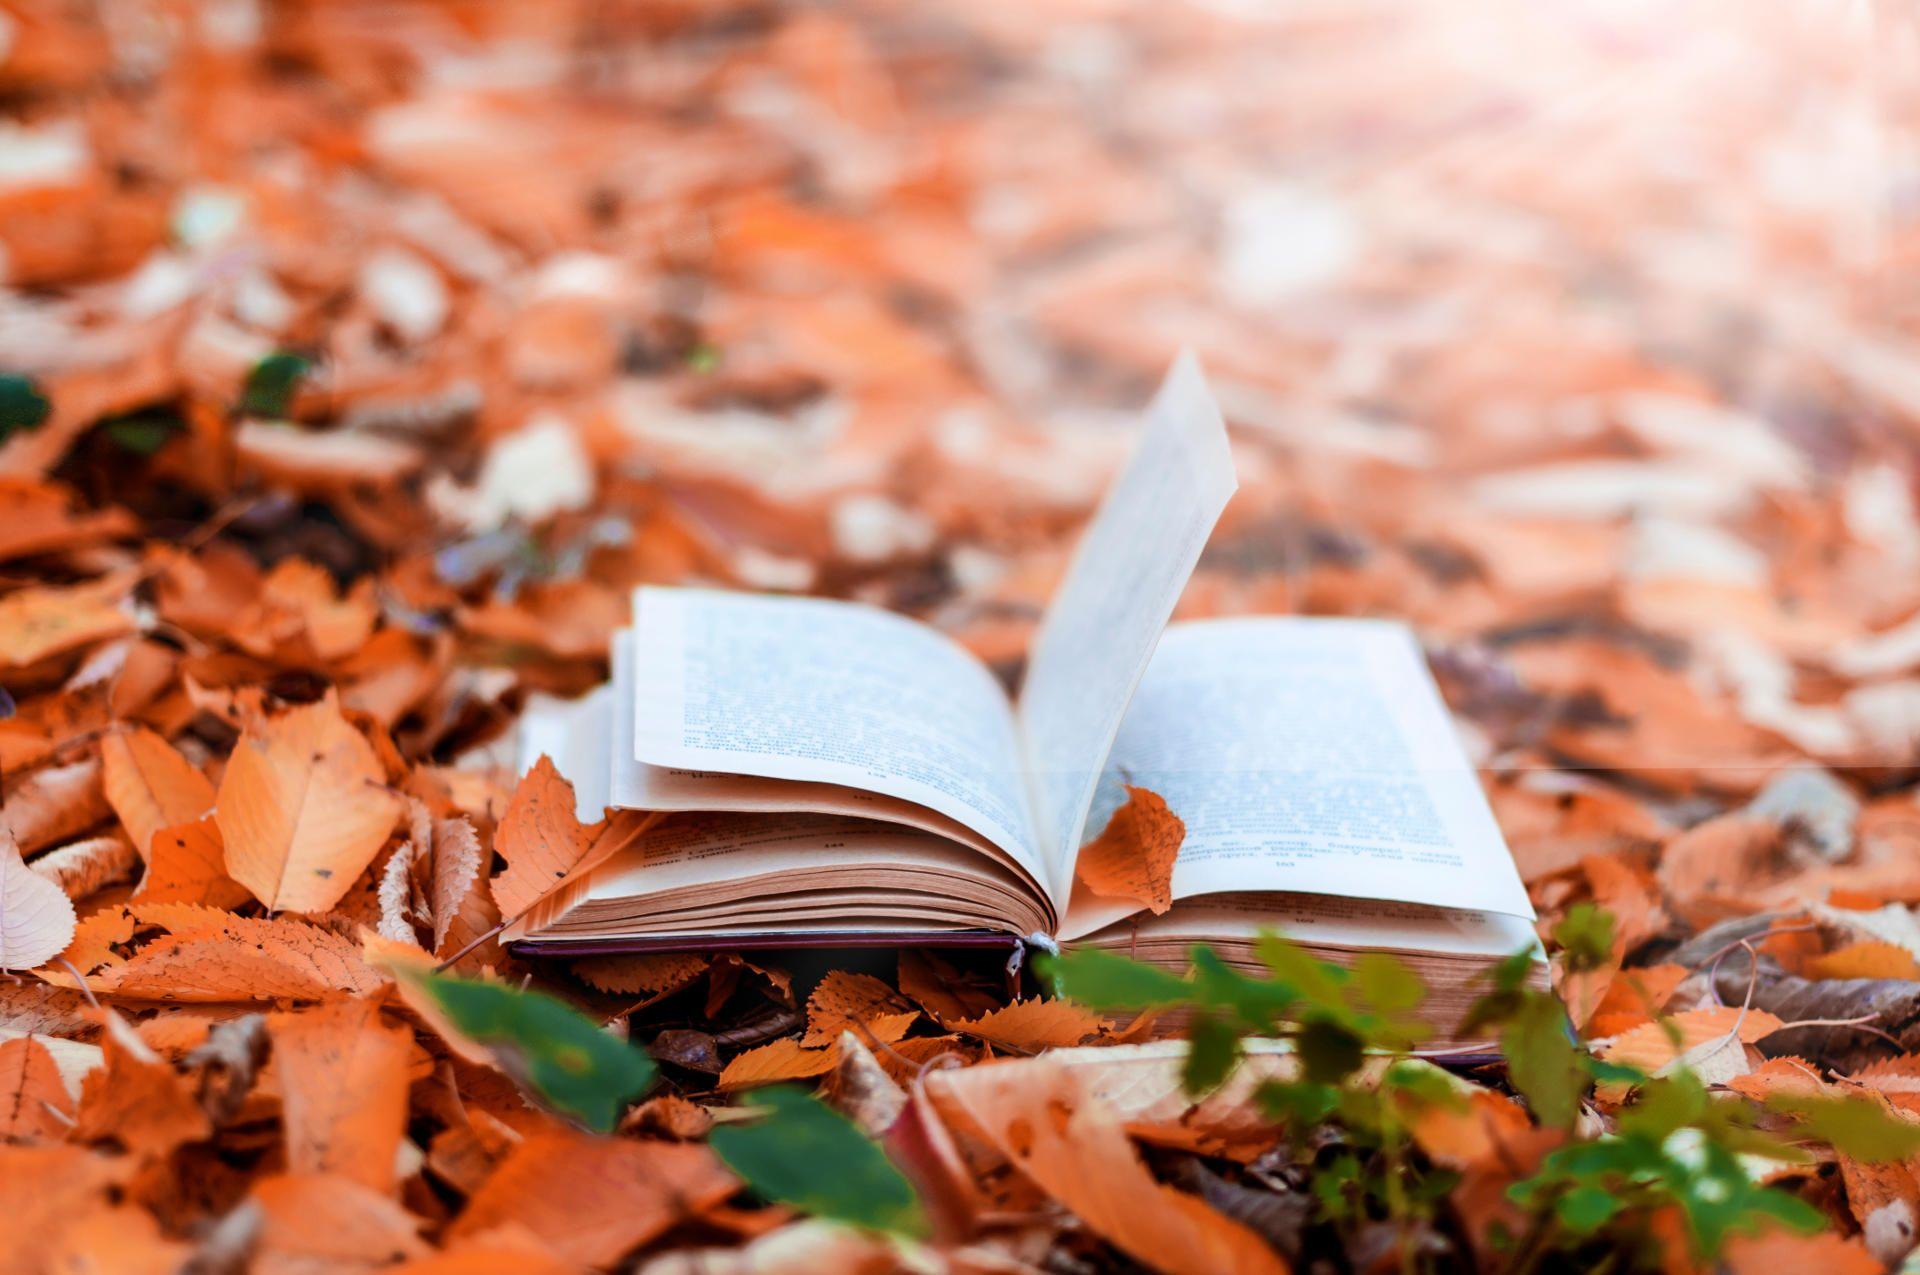 Llibre tardor